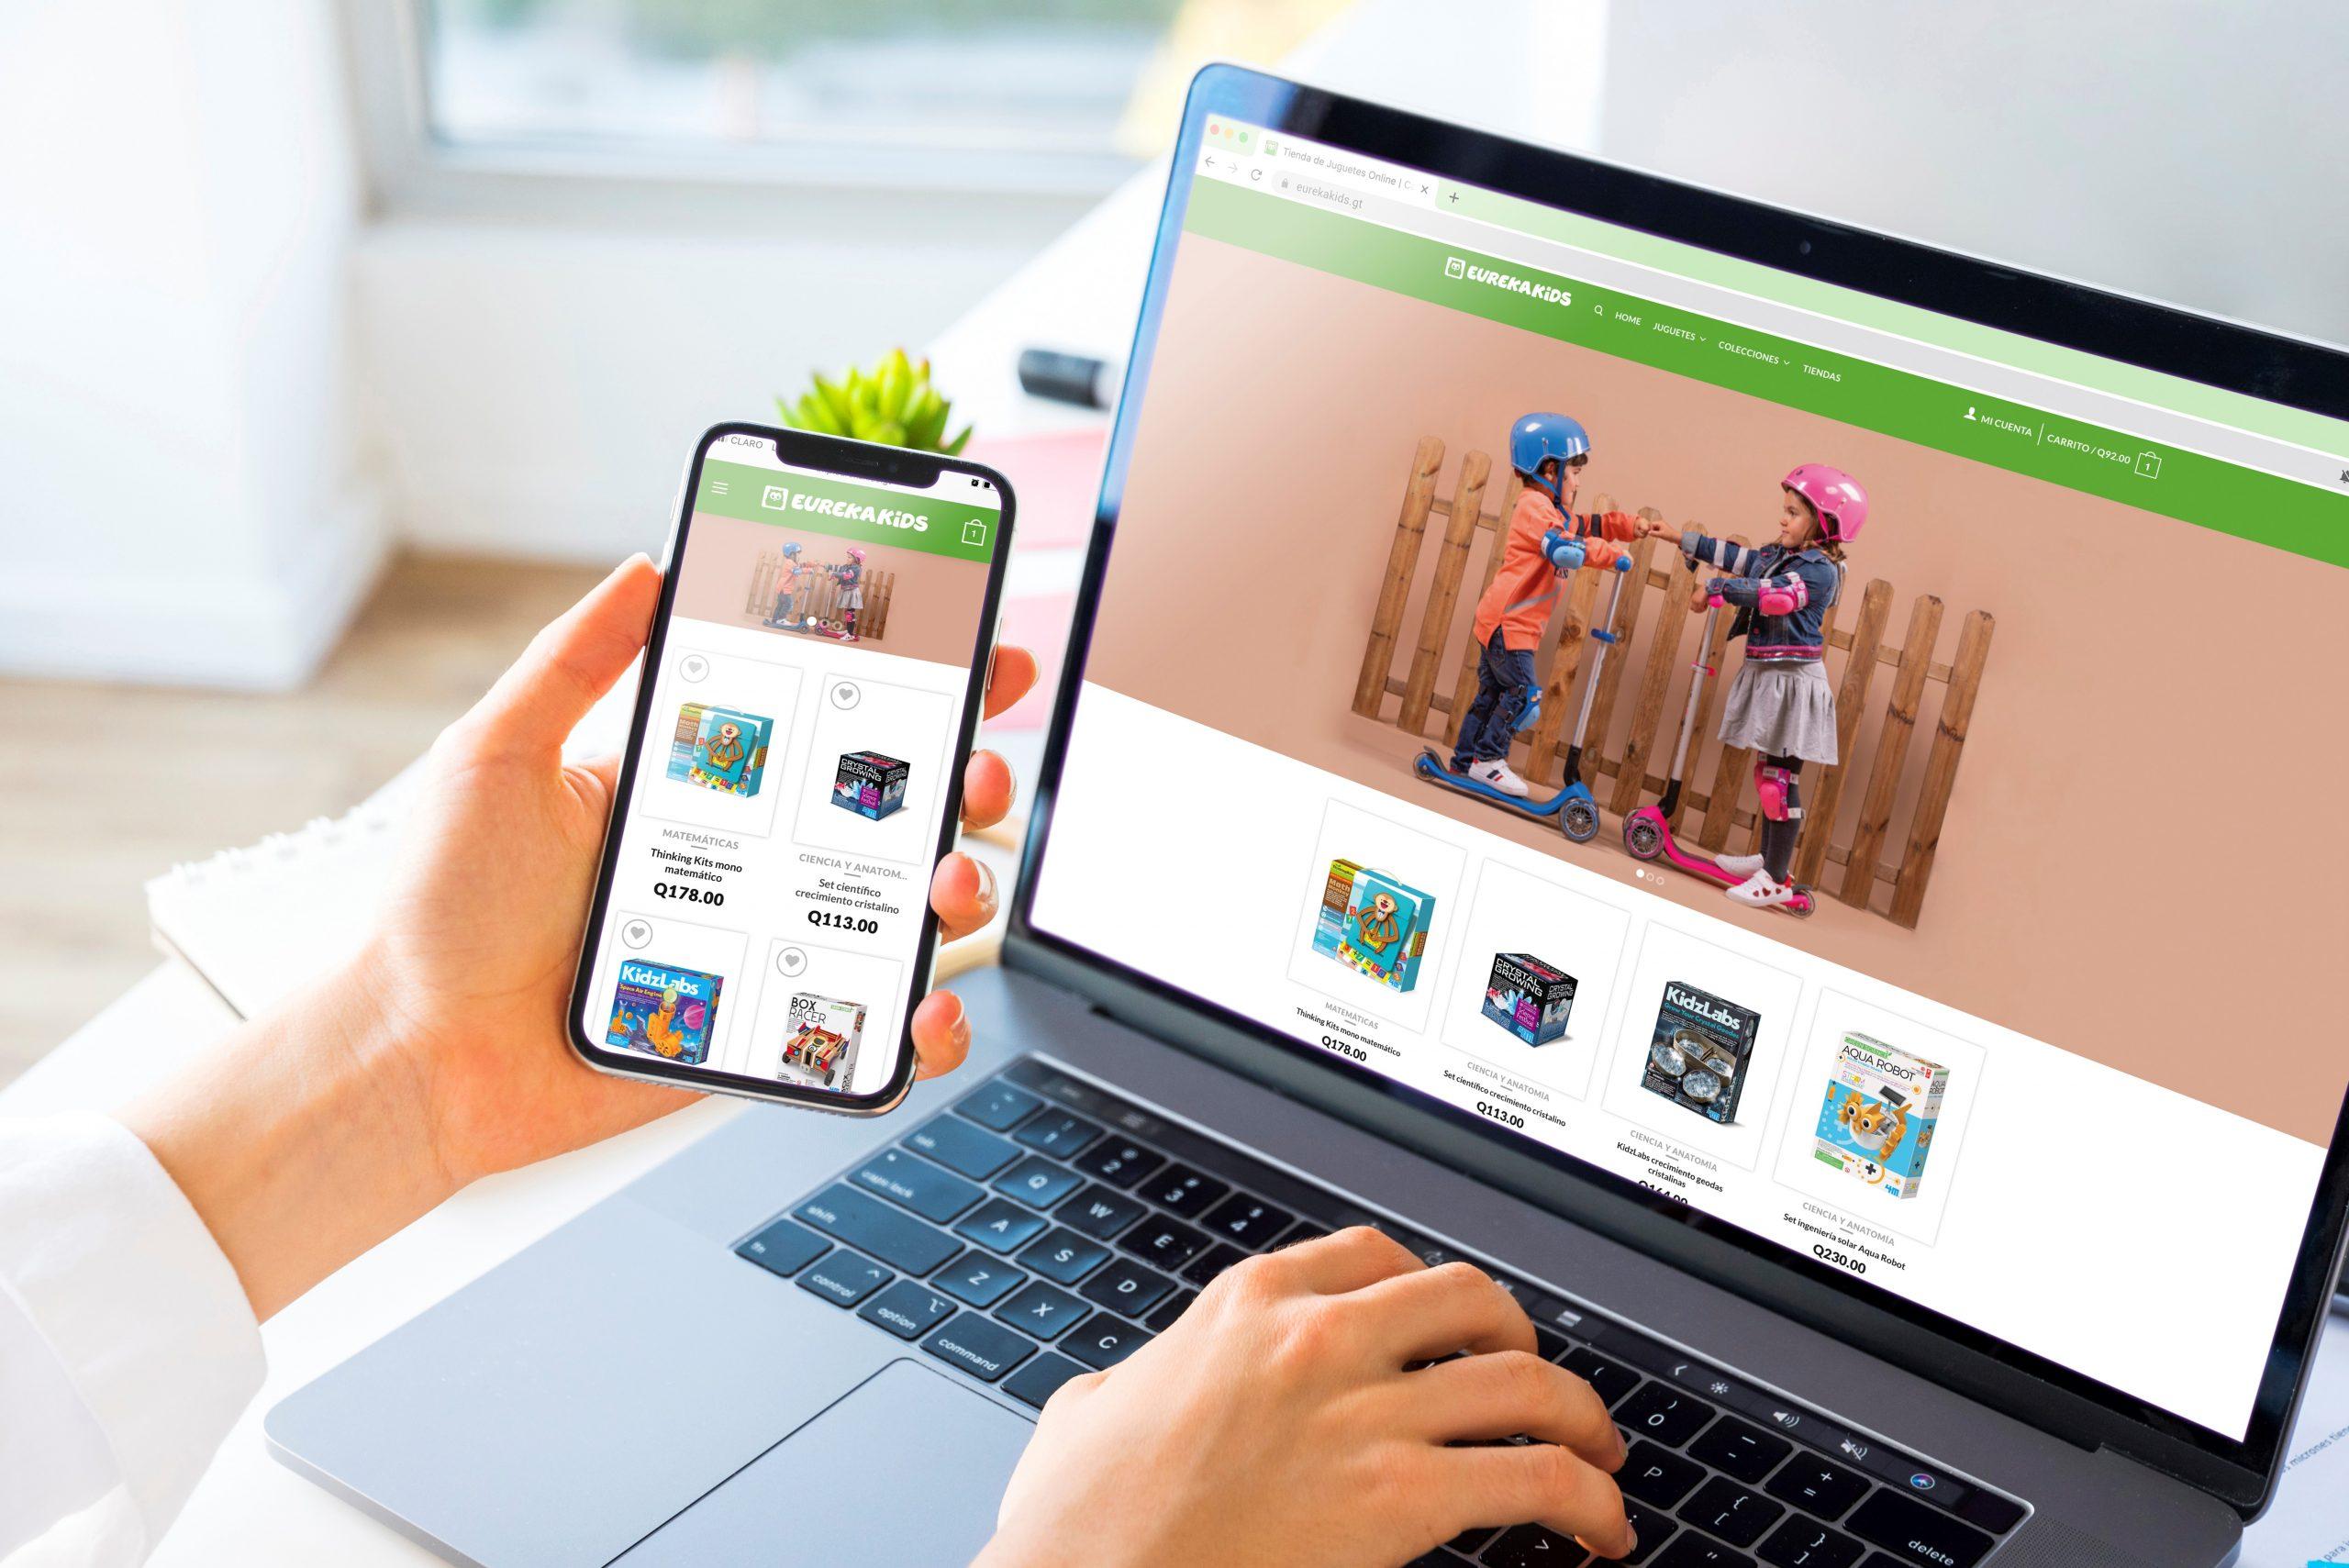 Juegos educativos y ecológicos para el desarrollo integral de los niños